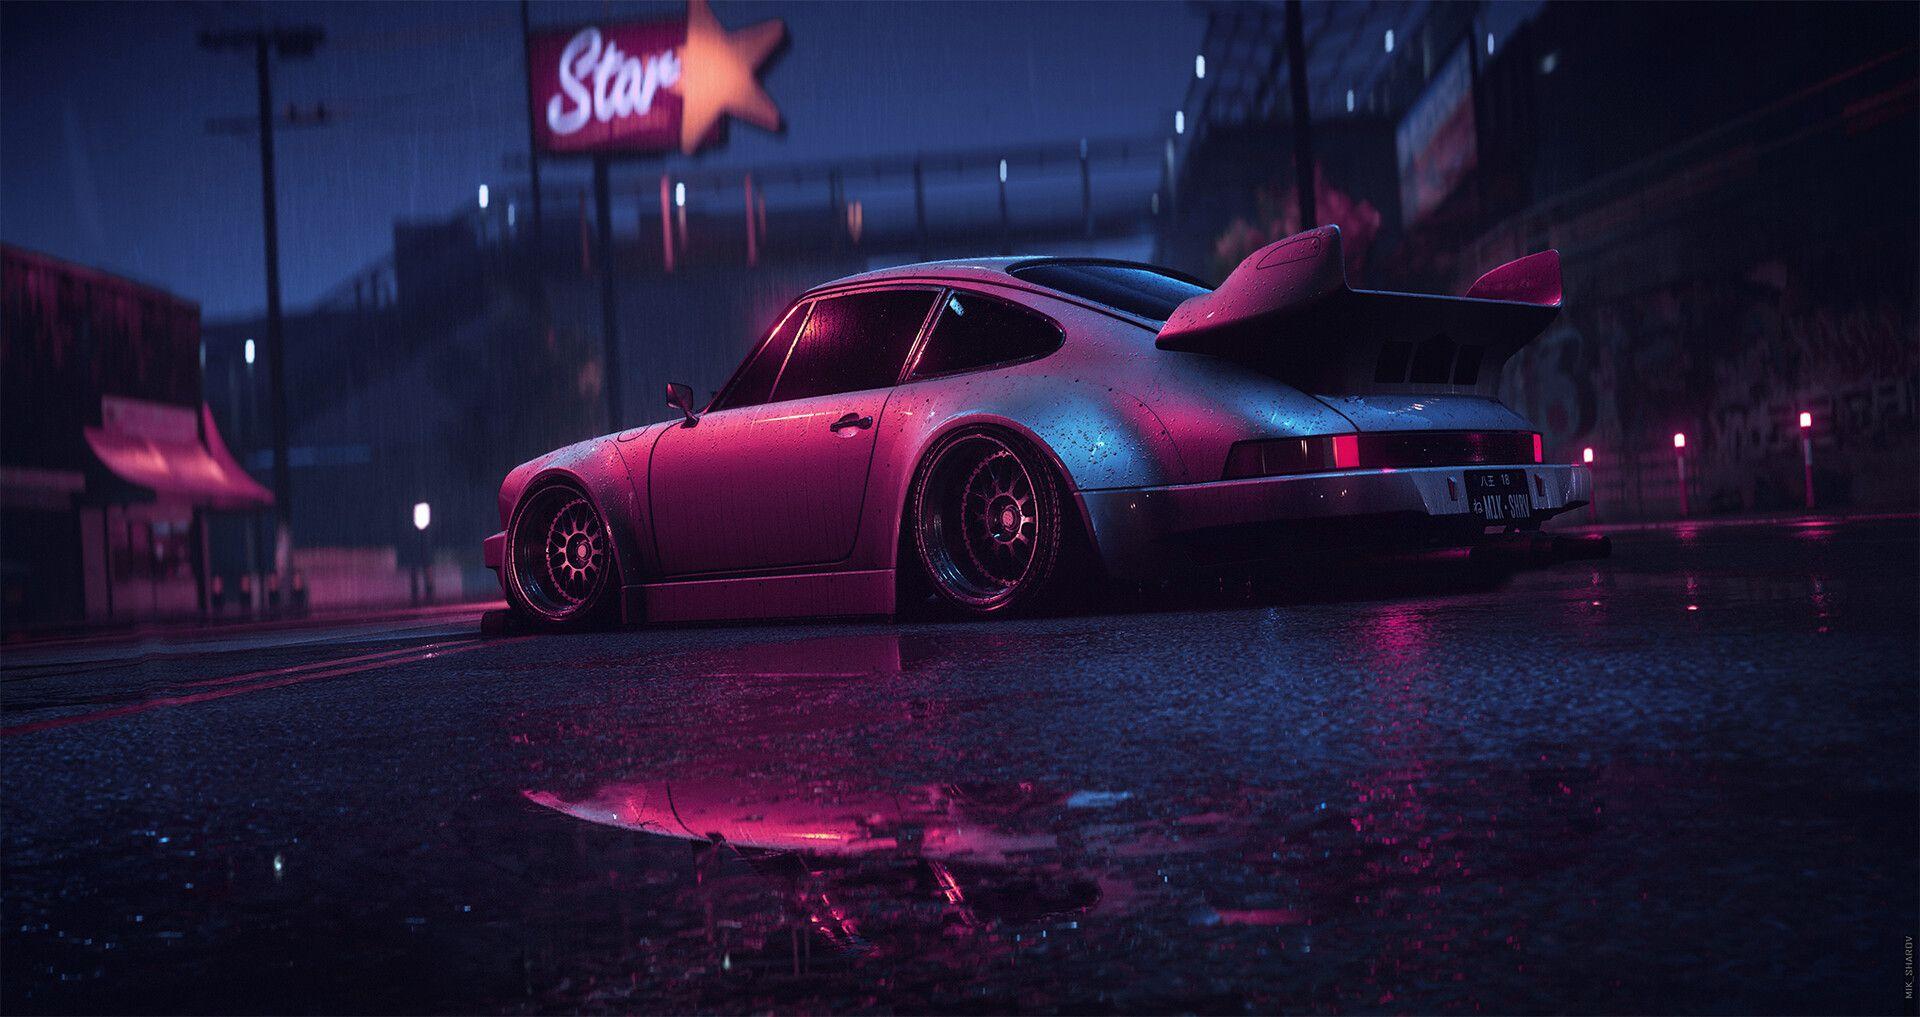 Star Of The Night Porsche Porsche Carrera Porsche Models